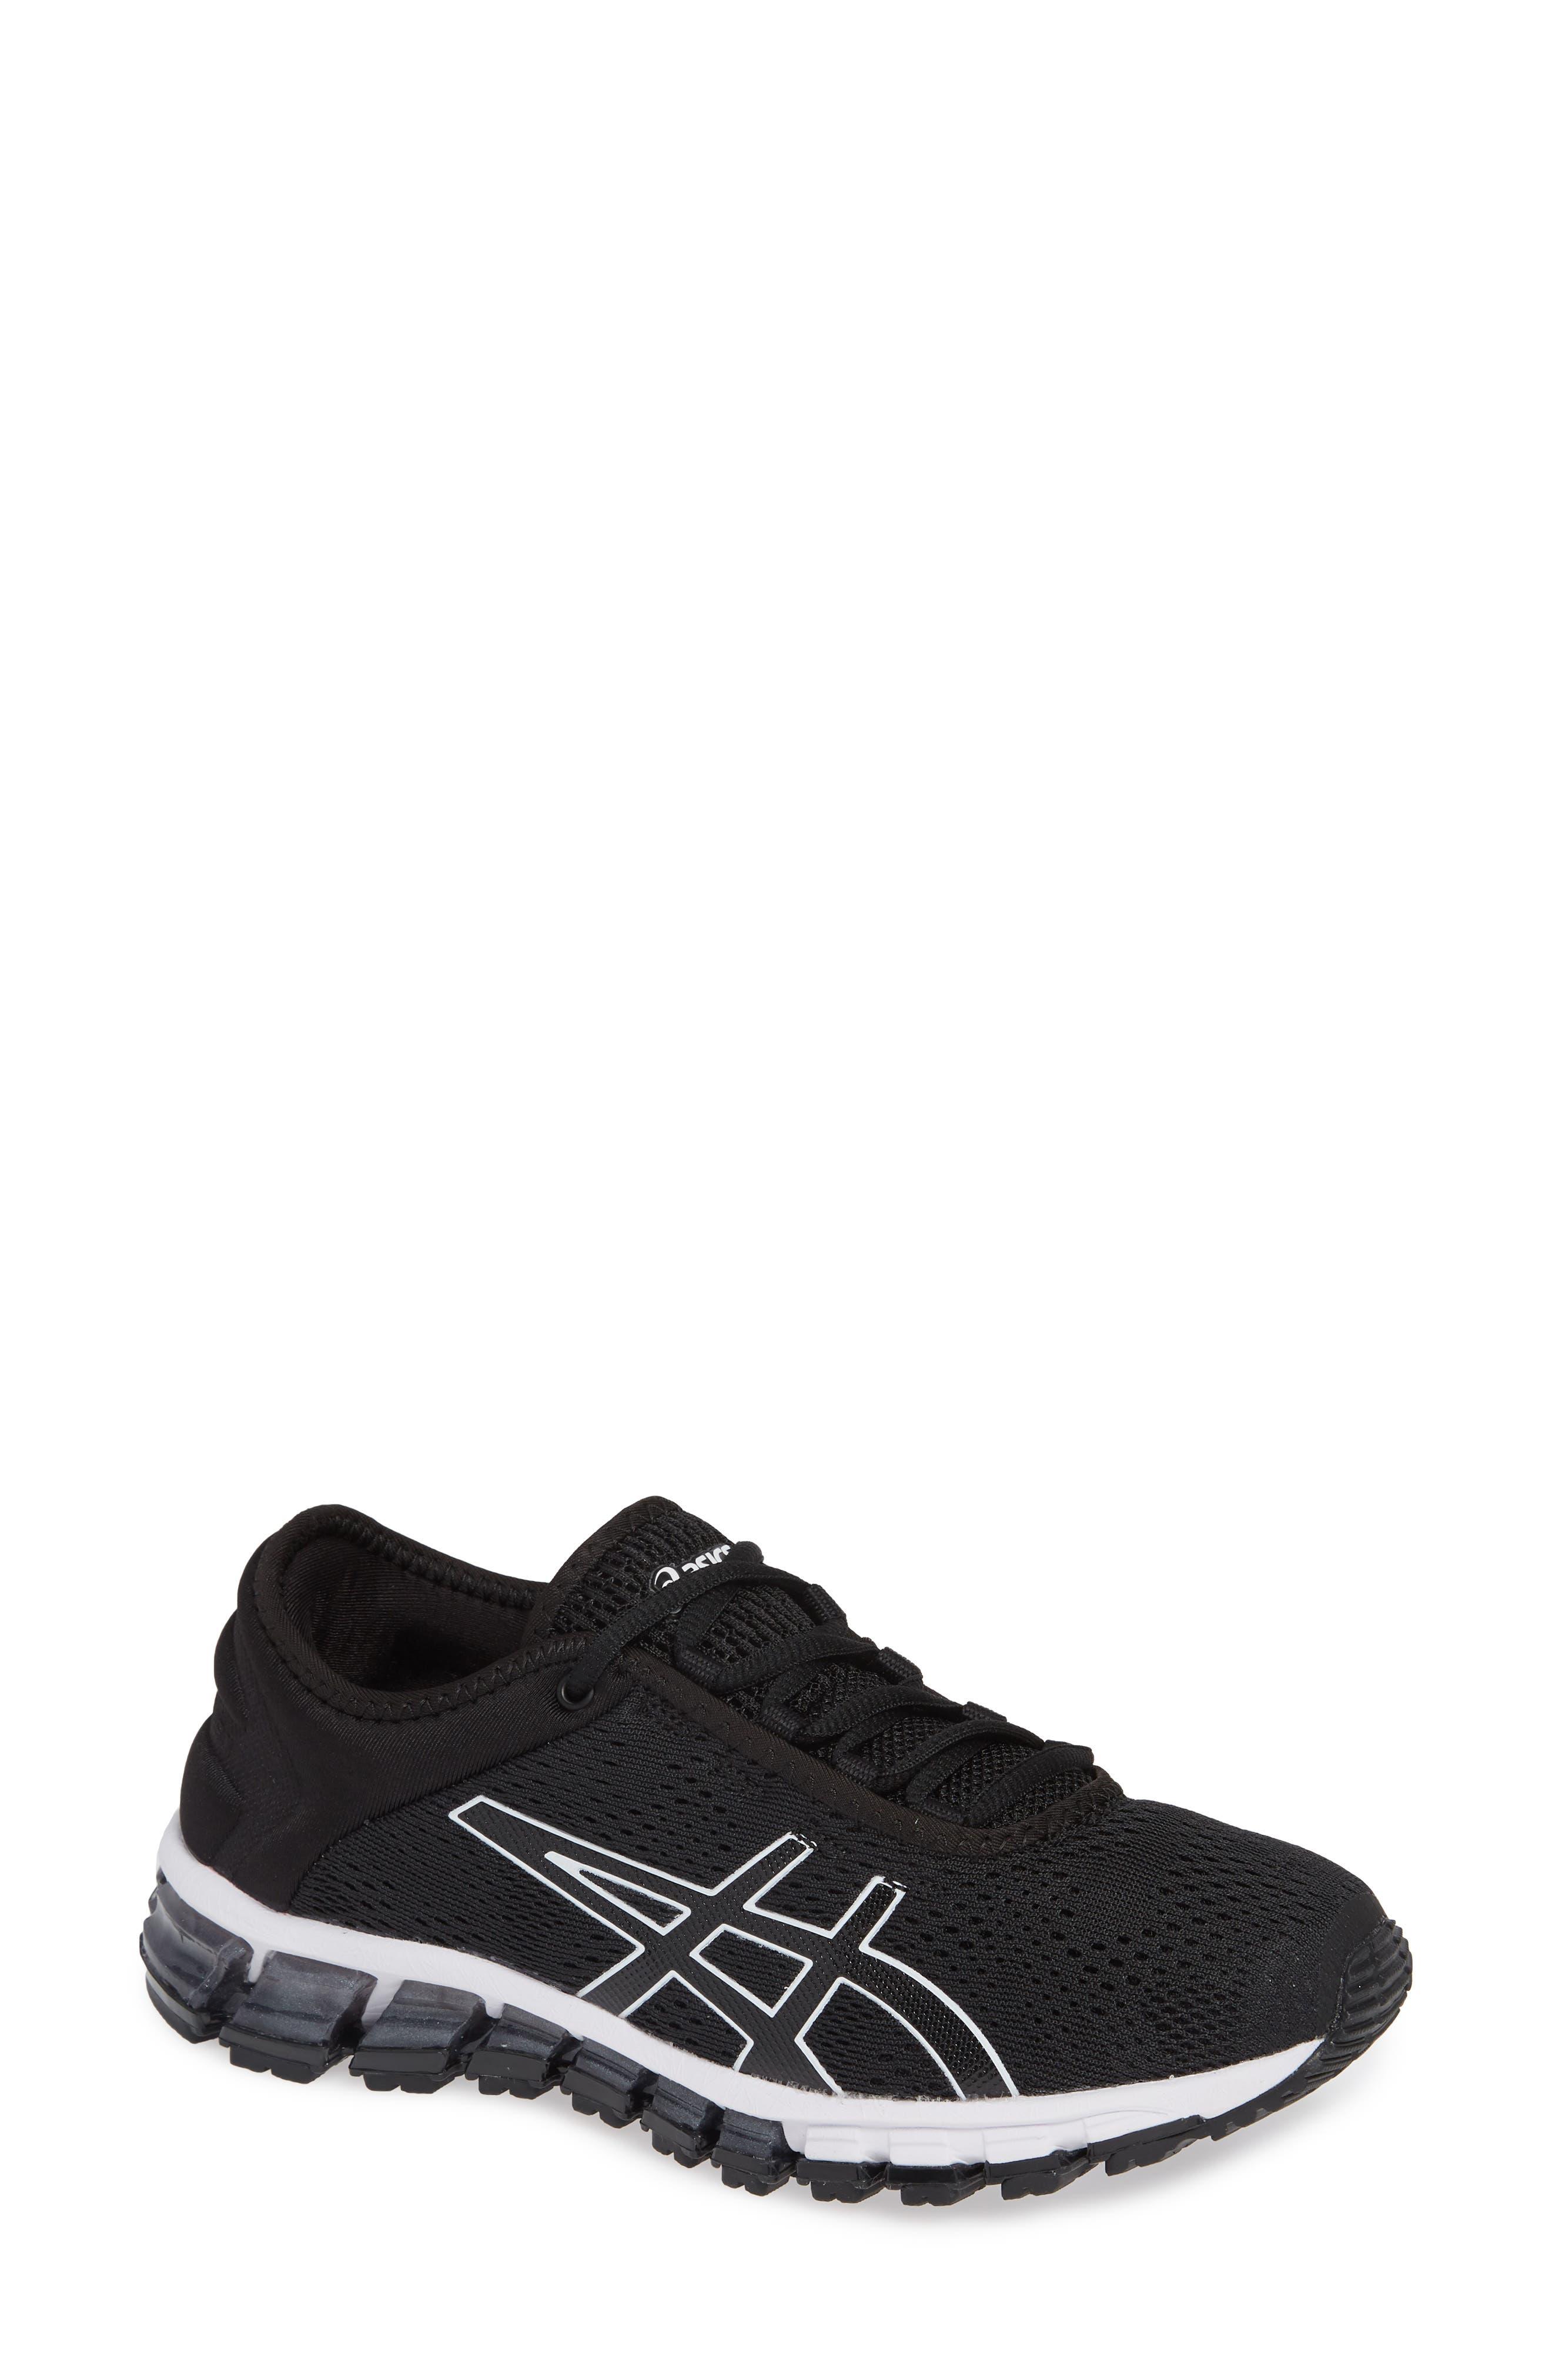 GEL Quantum 180 3 Running Shoe,                         Main,                         color, BLACK/ WHITE